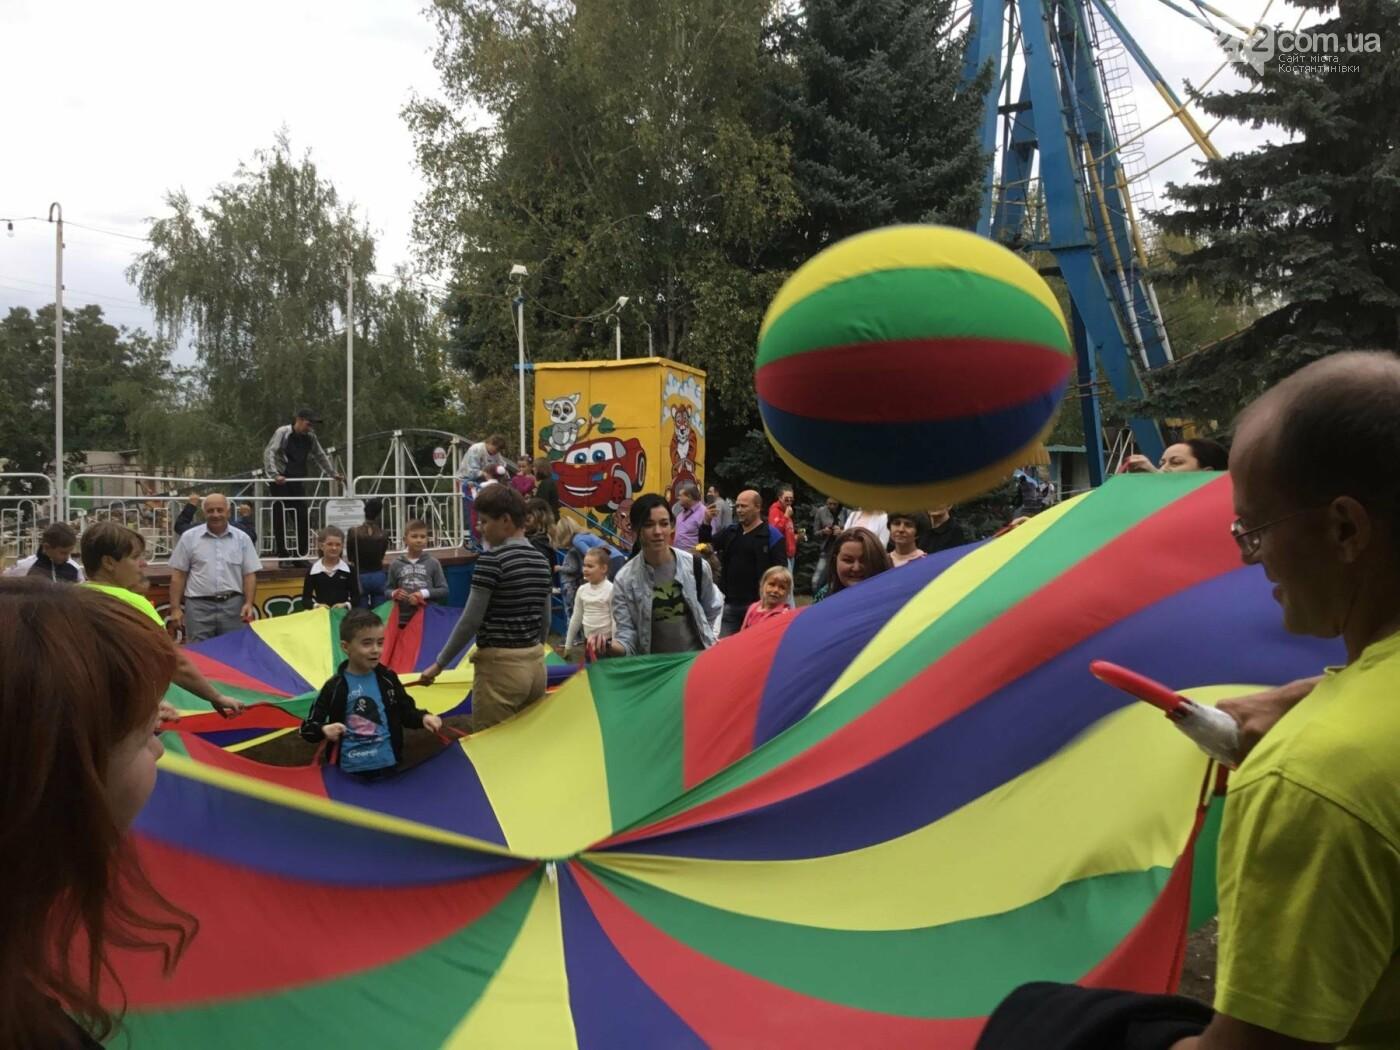 Вчора у Костянтинівці провели міський конкурс «Арт-подвір'я», фото-6